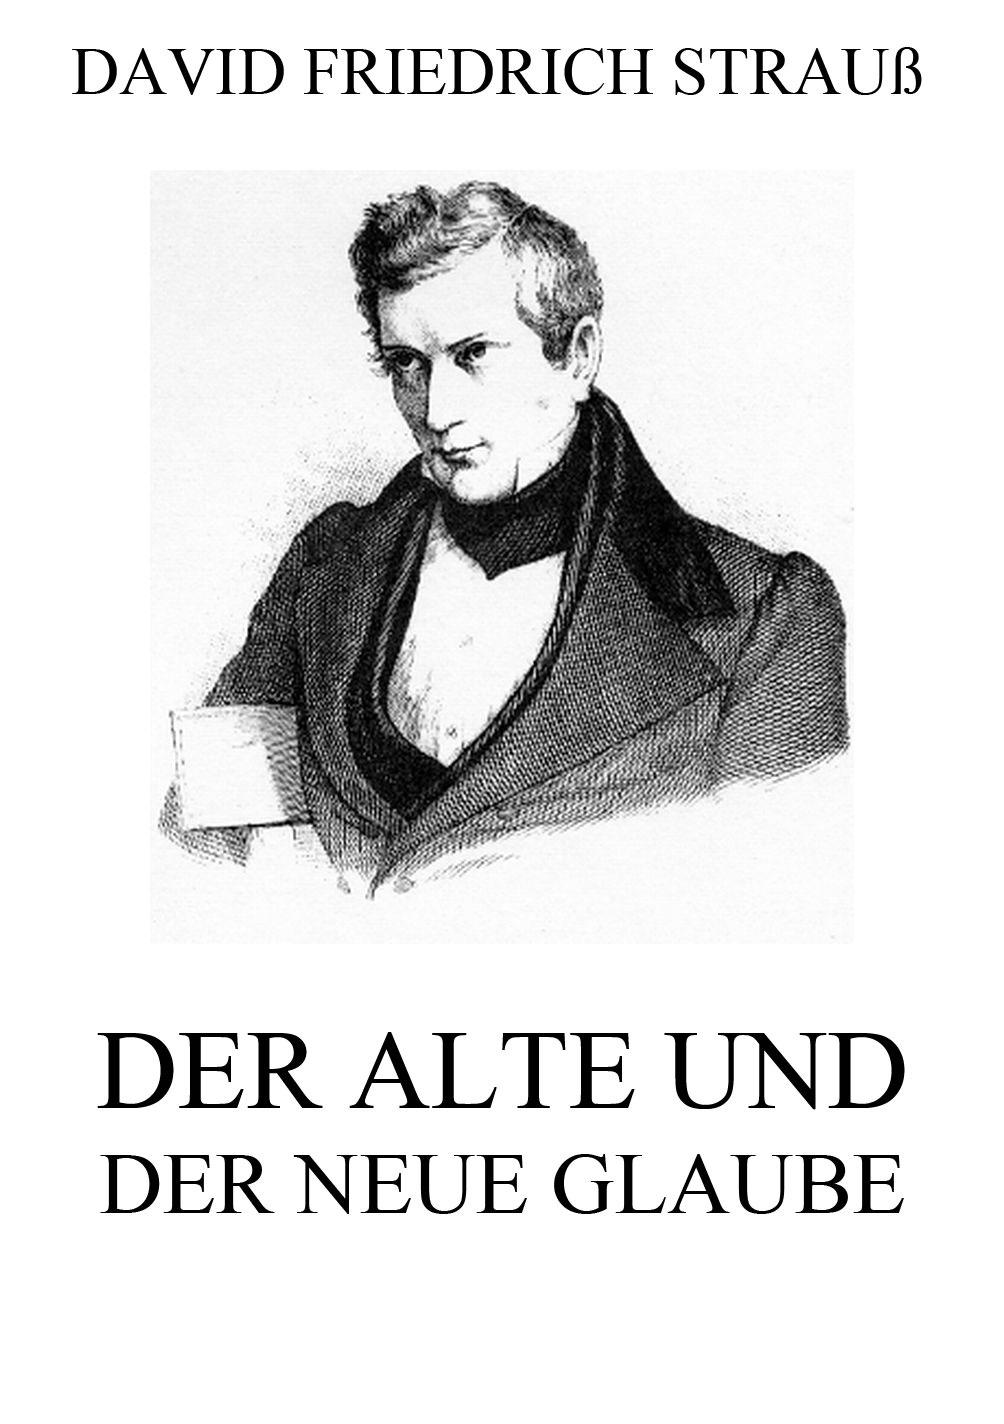 David Friedrich Strauß Der alte und der neue Glaube